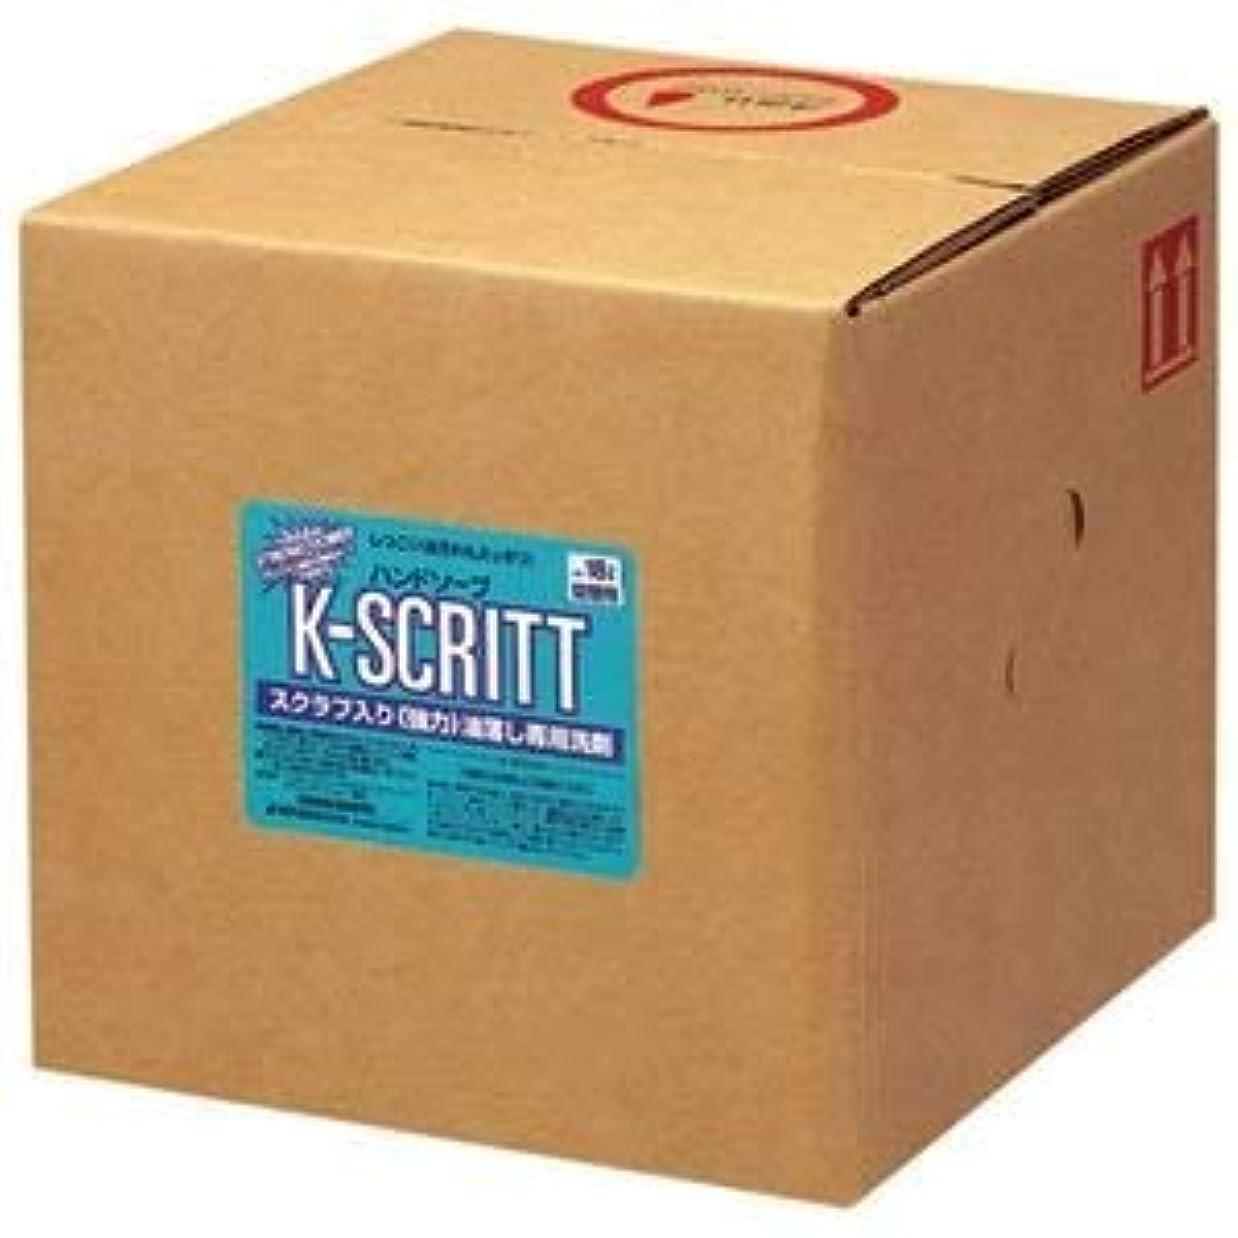 信頼性のあるコマースおもてなし業務用 液体石鹸 K-スクリット ハンドソープ詰替え 18L 熊野油脂 (コック付き)